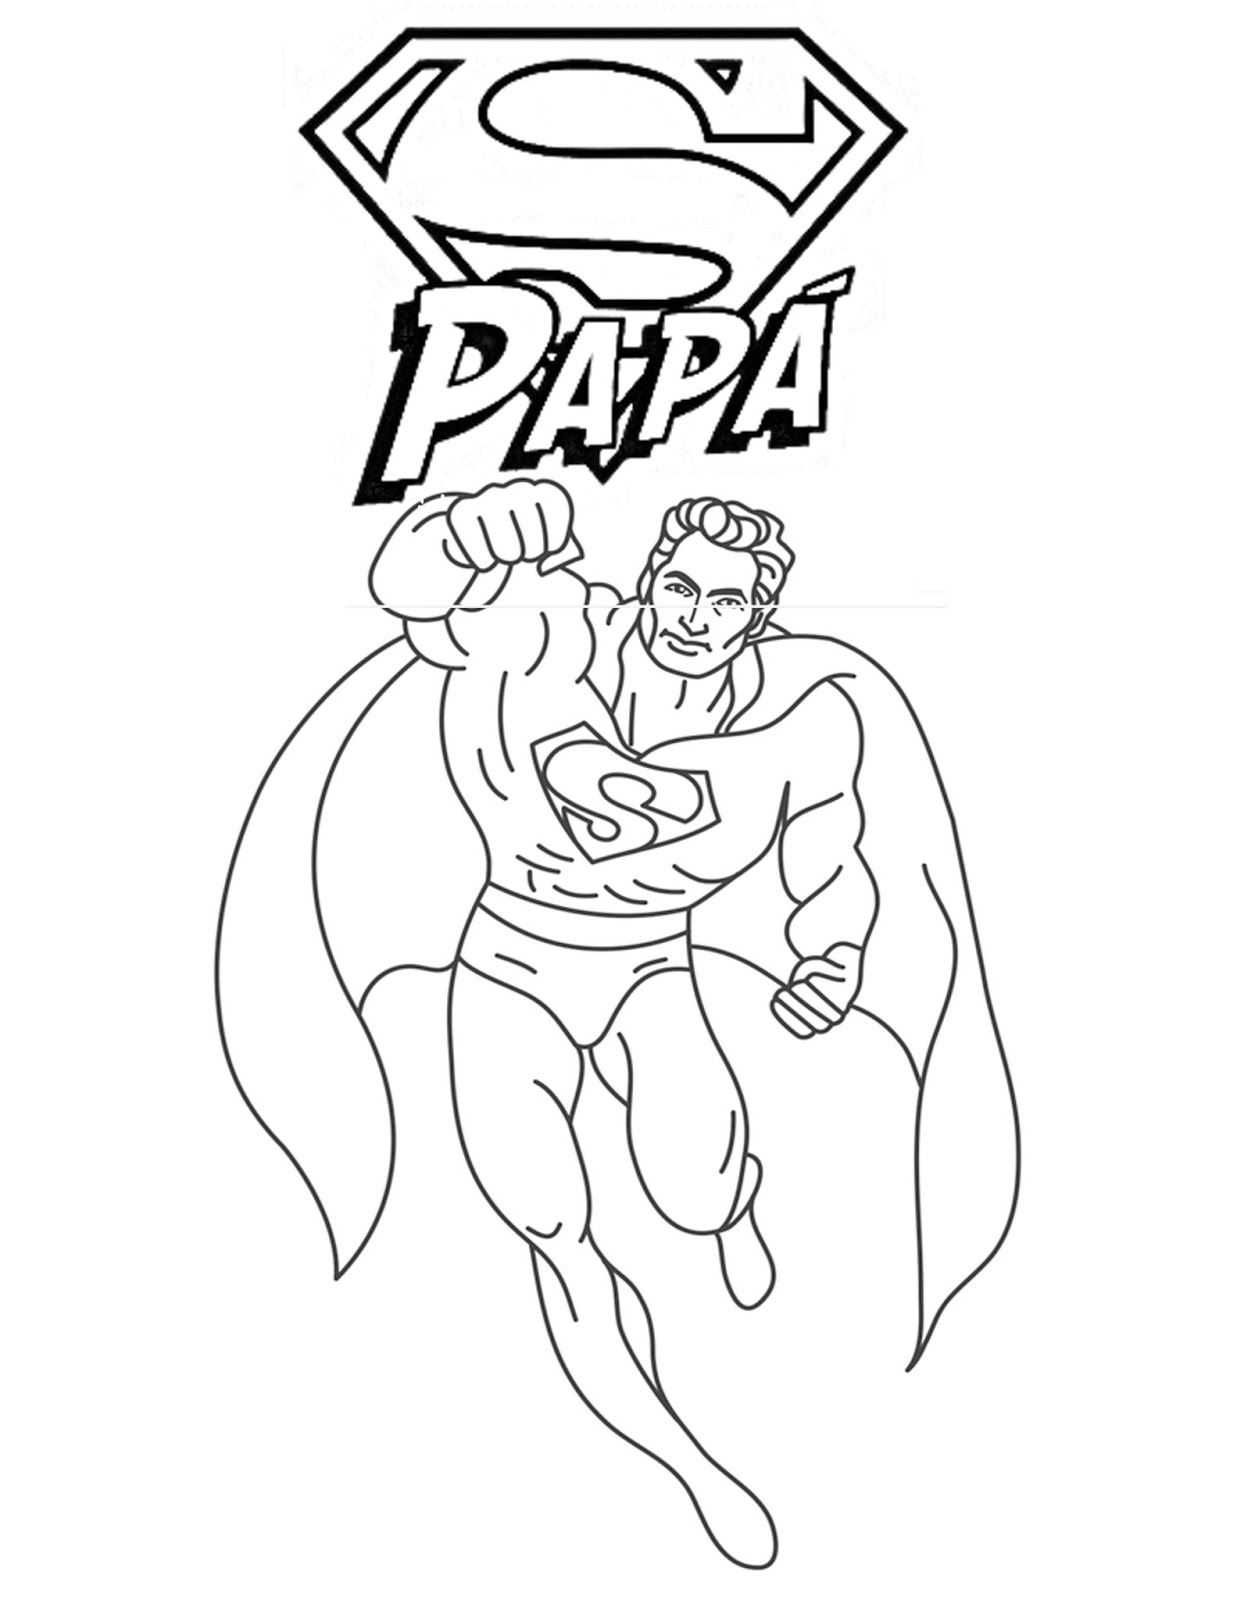 dibujos de super papá para colorear del día del padre | Dibujos para papa,  Dia del padre, Día del papá